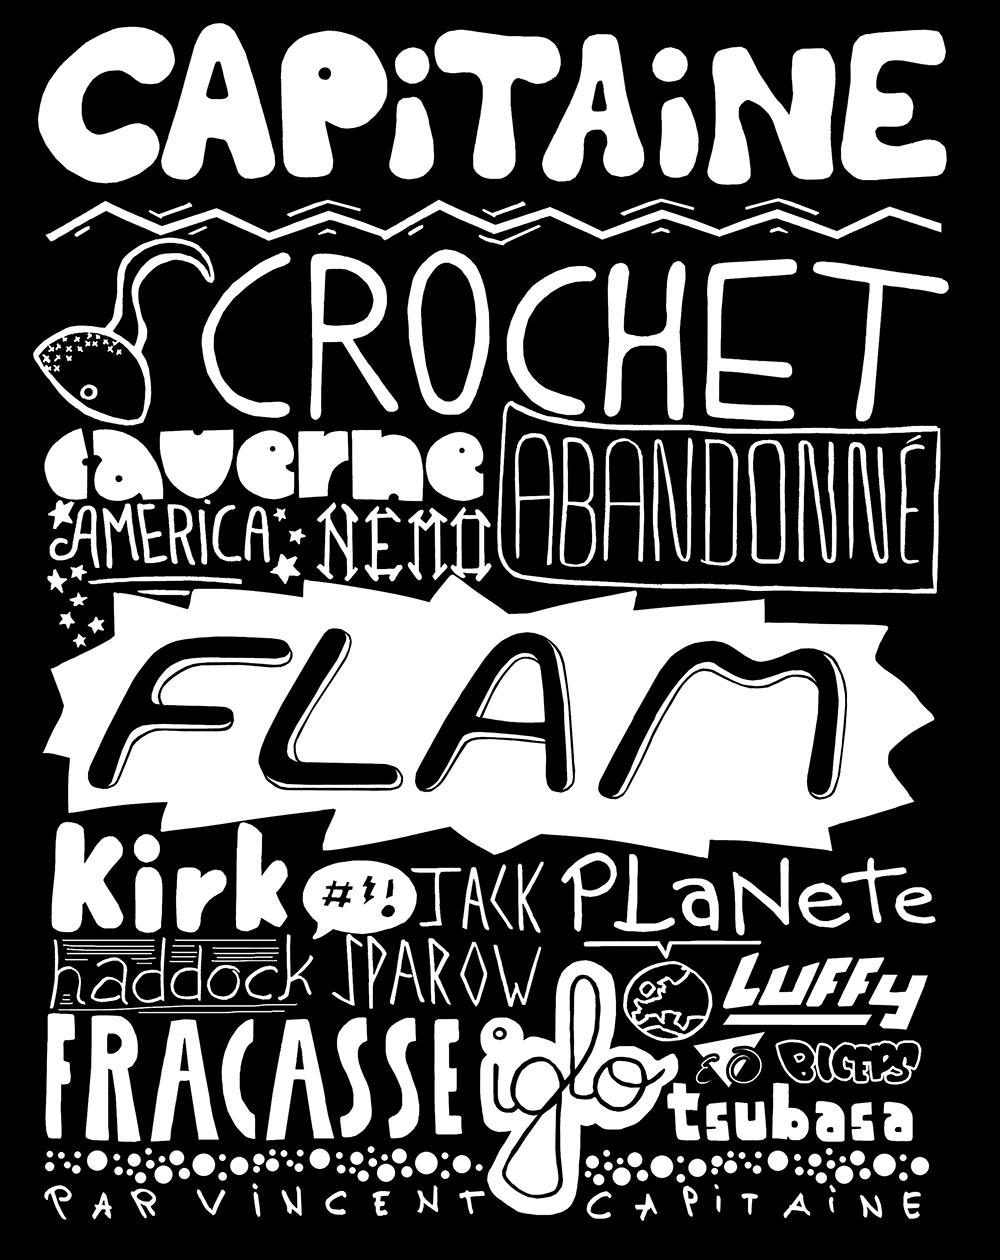 Typographie Capitaine